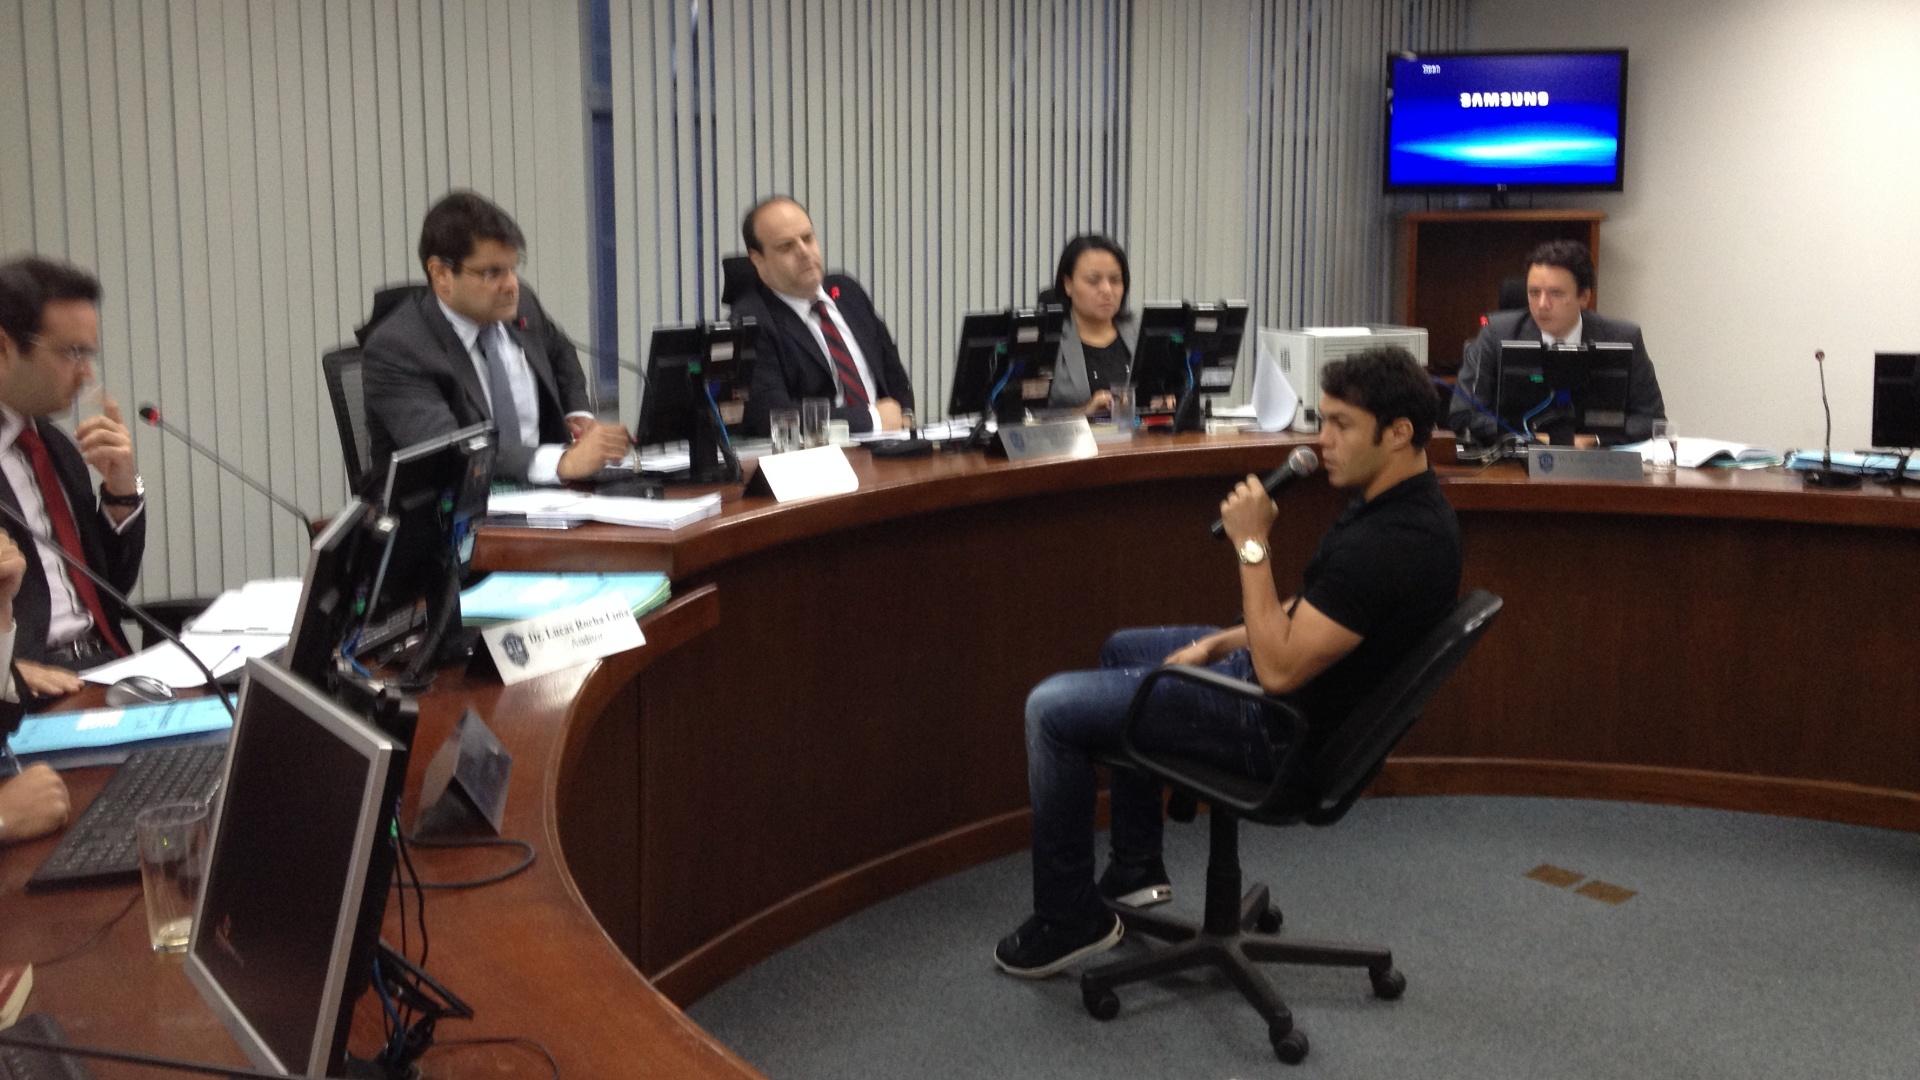 Atacante Kléber dá seu depoimento no Superior Tribunal de Justiça Desportiva